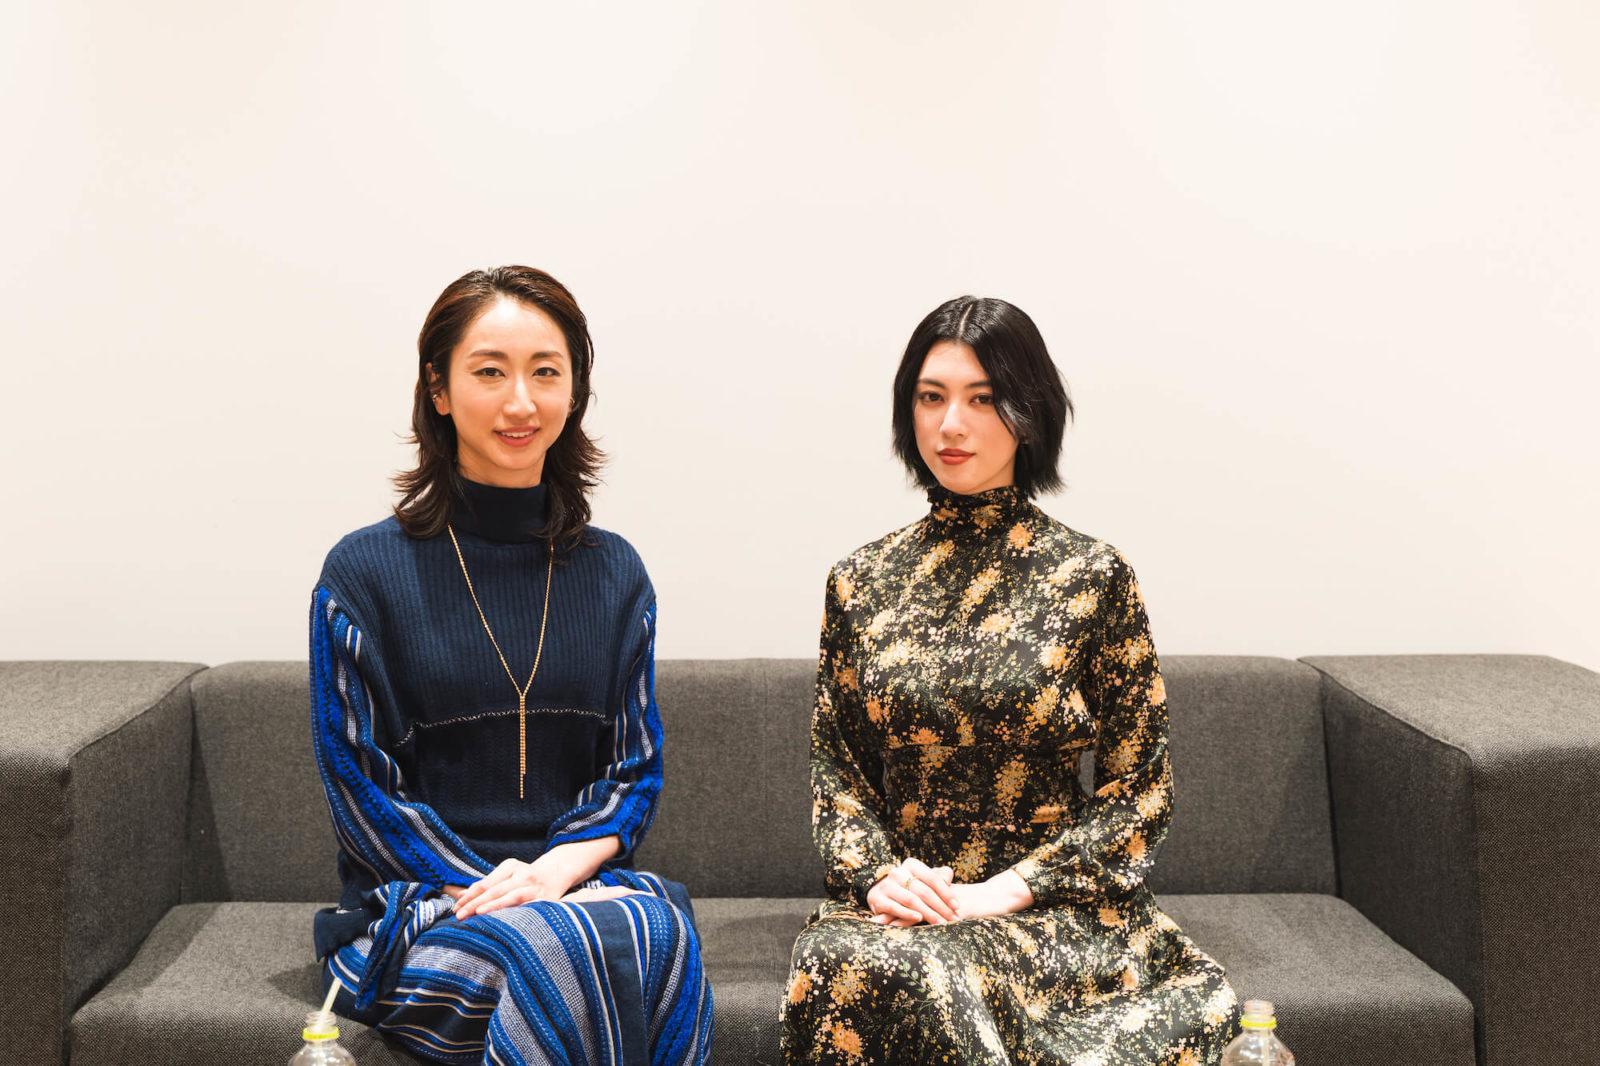 Ms.OOJA、映画『犬鳴村』主題歌「HIKARI」が配信スタート&ミュージックビデオ解禁!三吉彩花がビジュアルプロデュースに初挑戦サムネイル画像